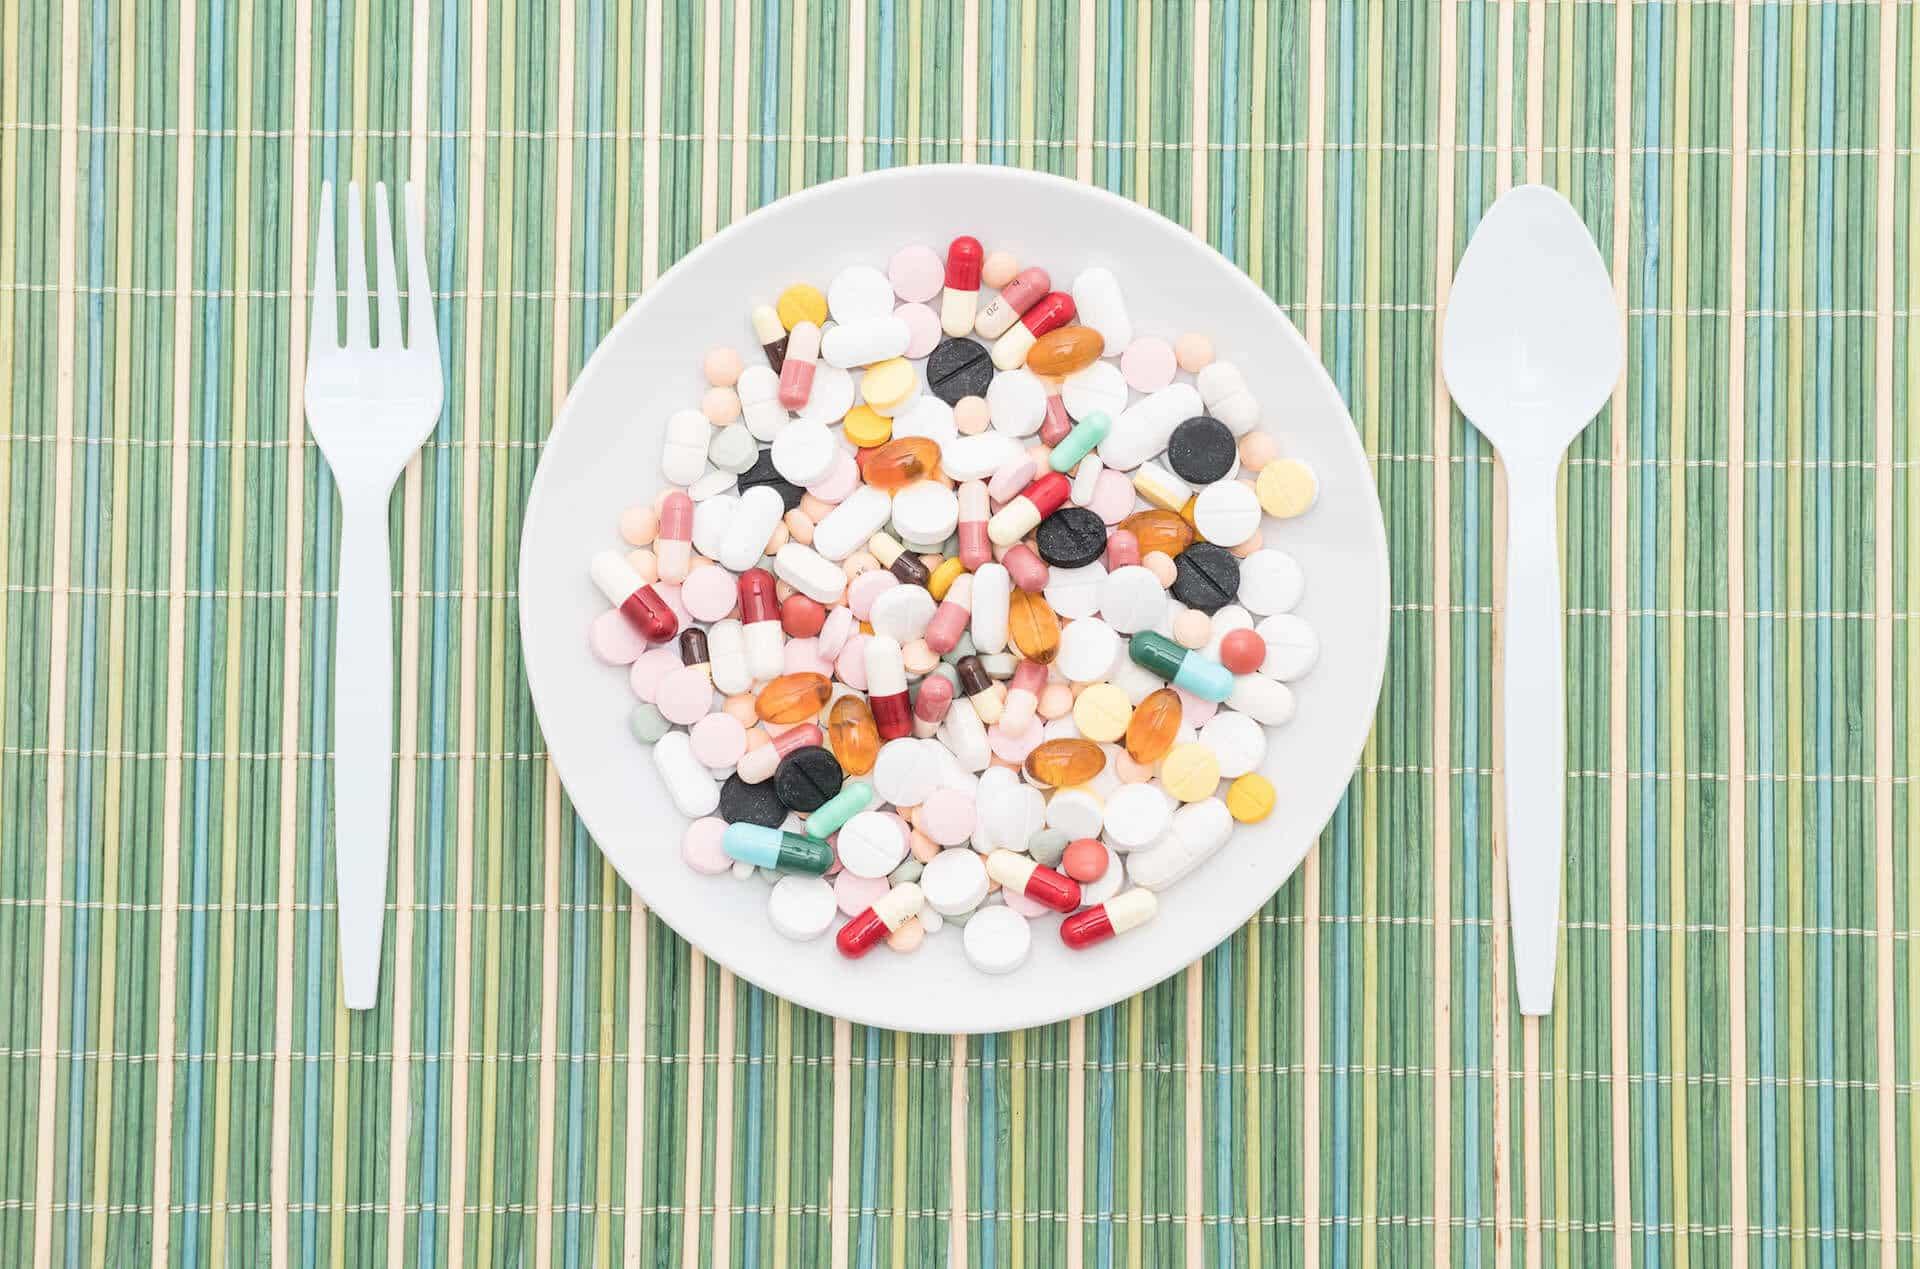 תרופות לירידה במשקל